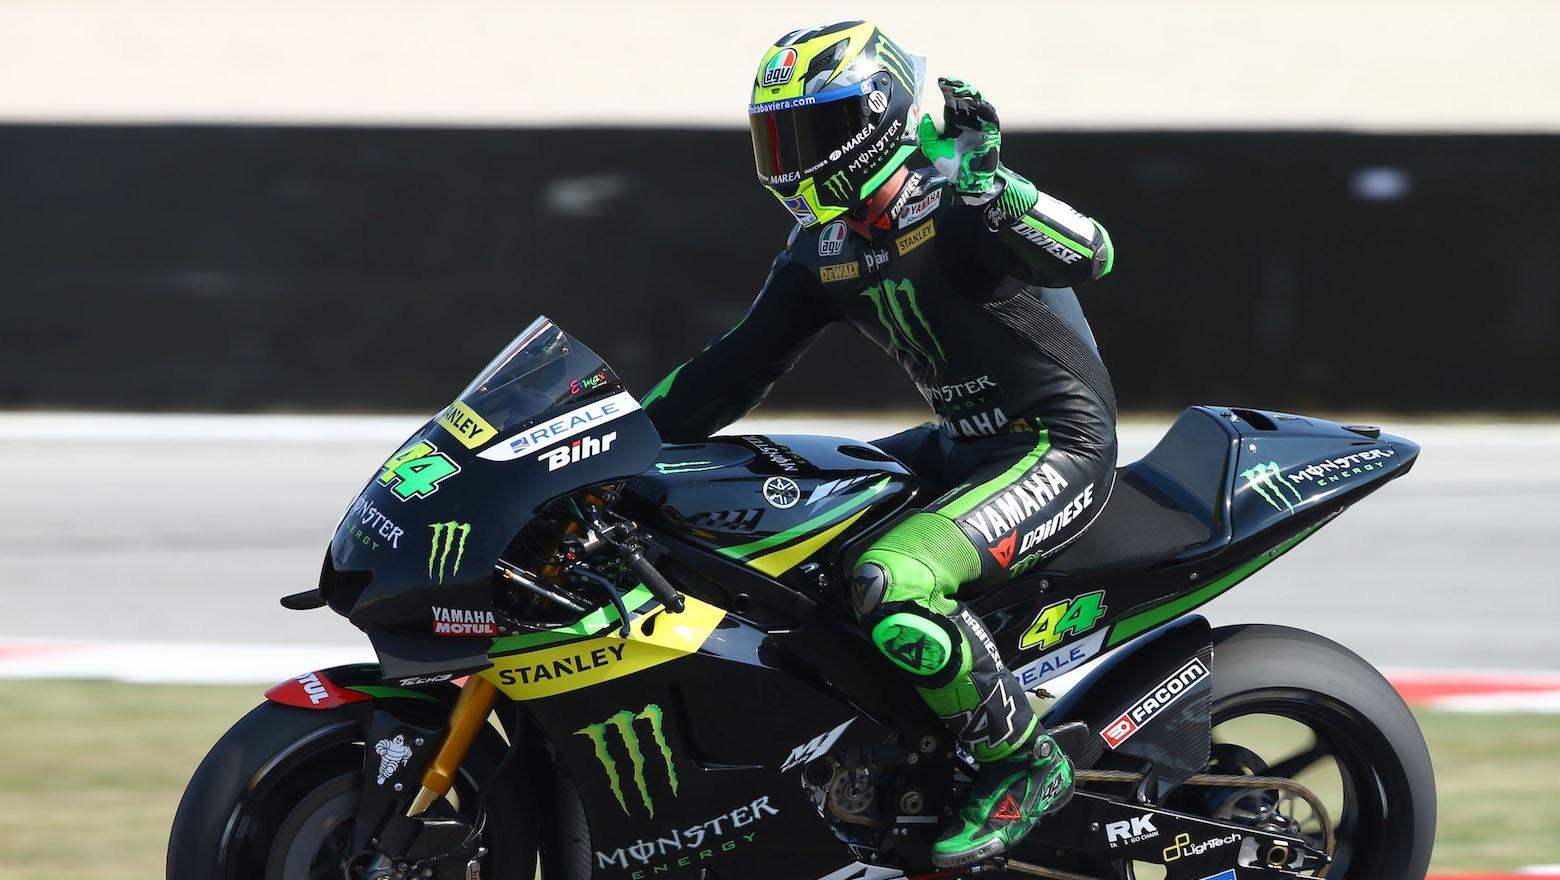 """Pol Espargaró: """"Ser primero es la hostia. ¡Tendré que romper la moto más a menudo! (risas)"""""""